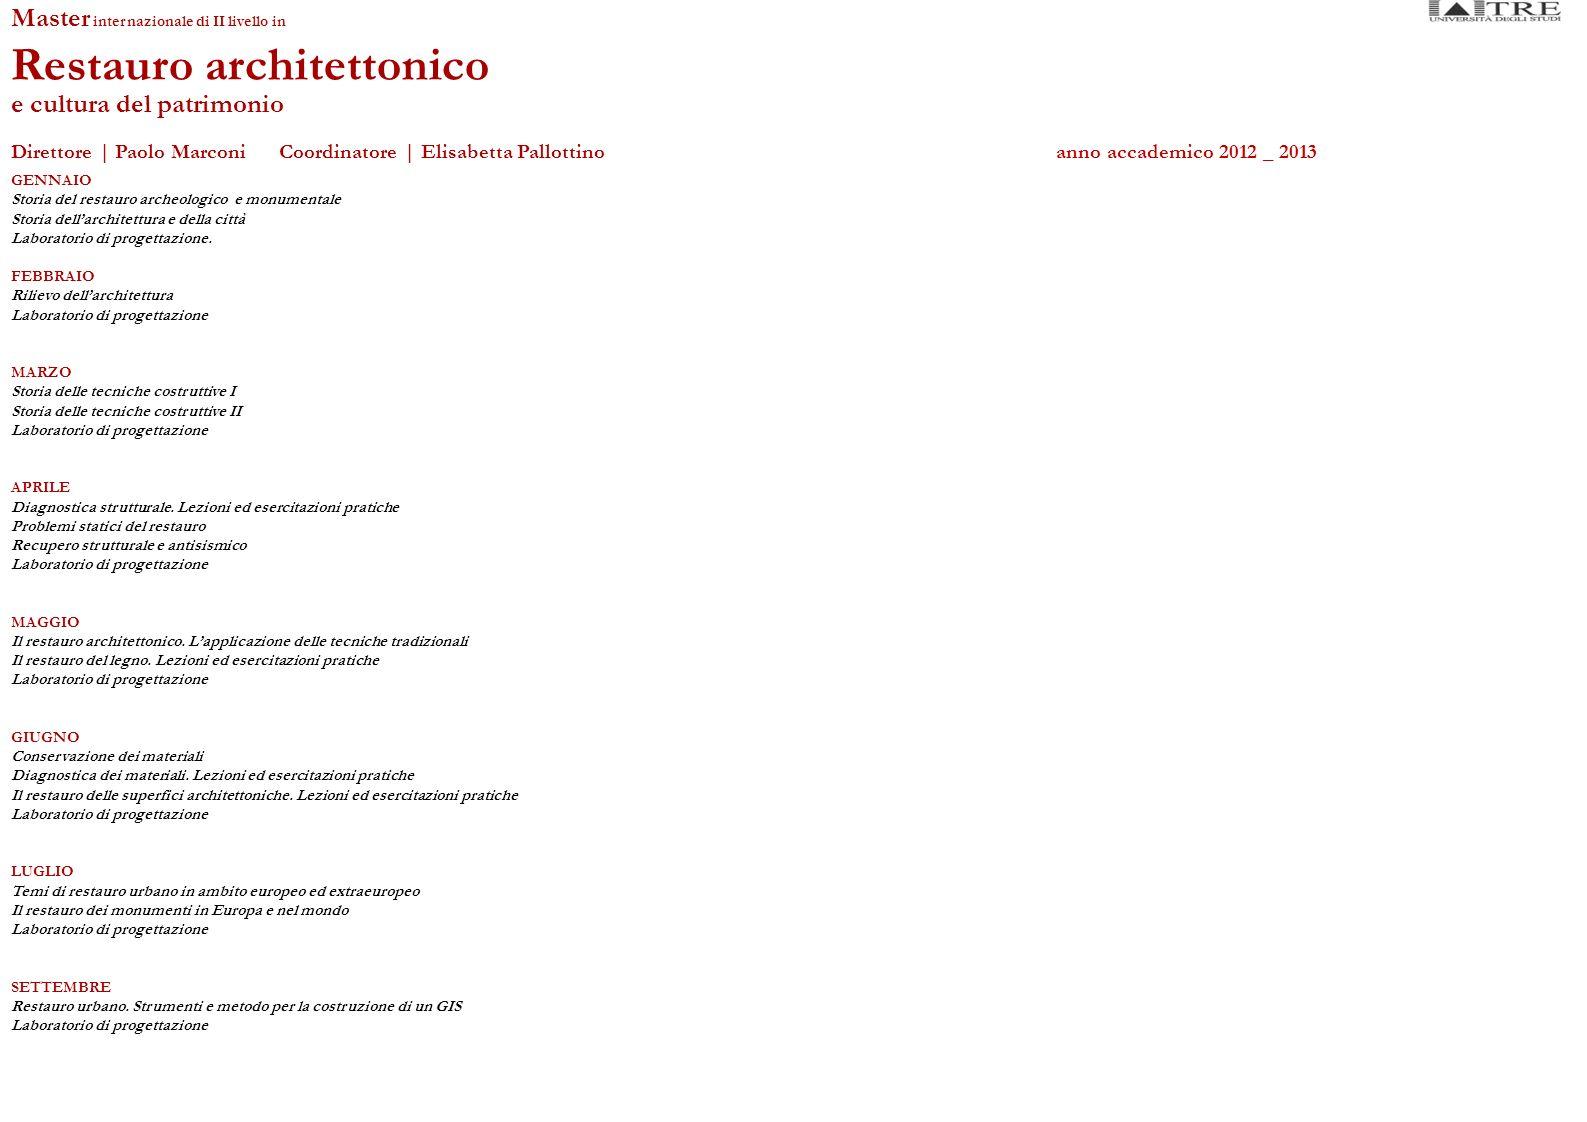 GENNAIO Storia del restauro archeologico e monumentale Storia dellarchitettura e della città Laboratorio di progettazione.